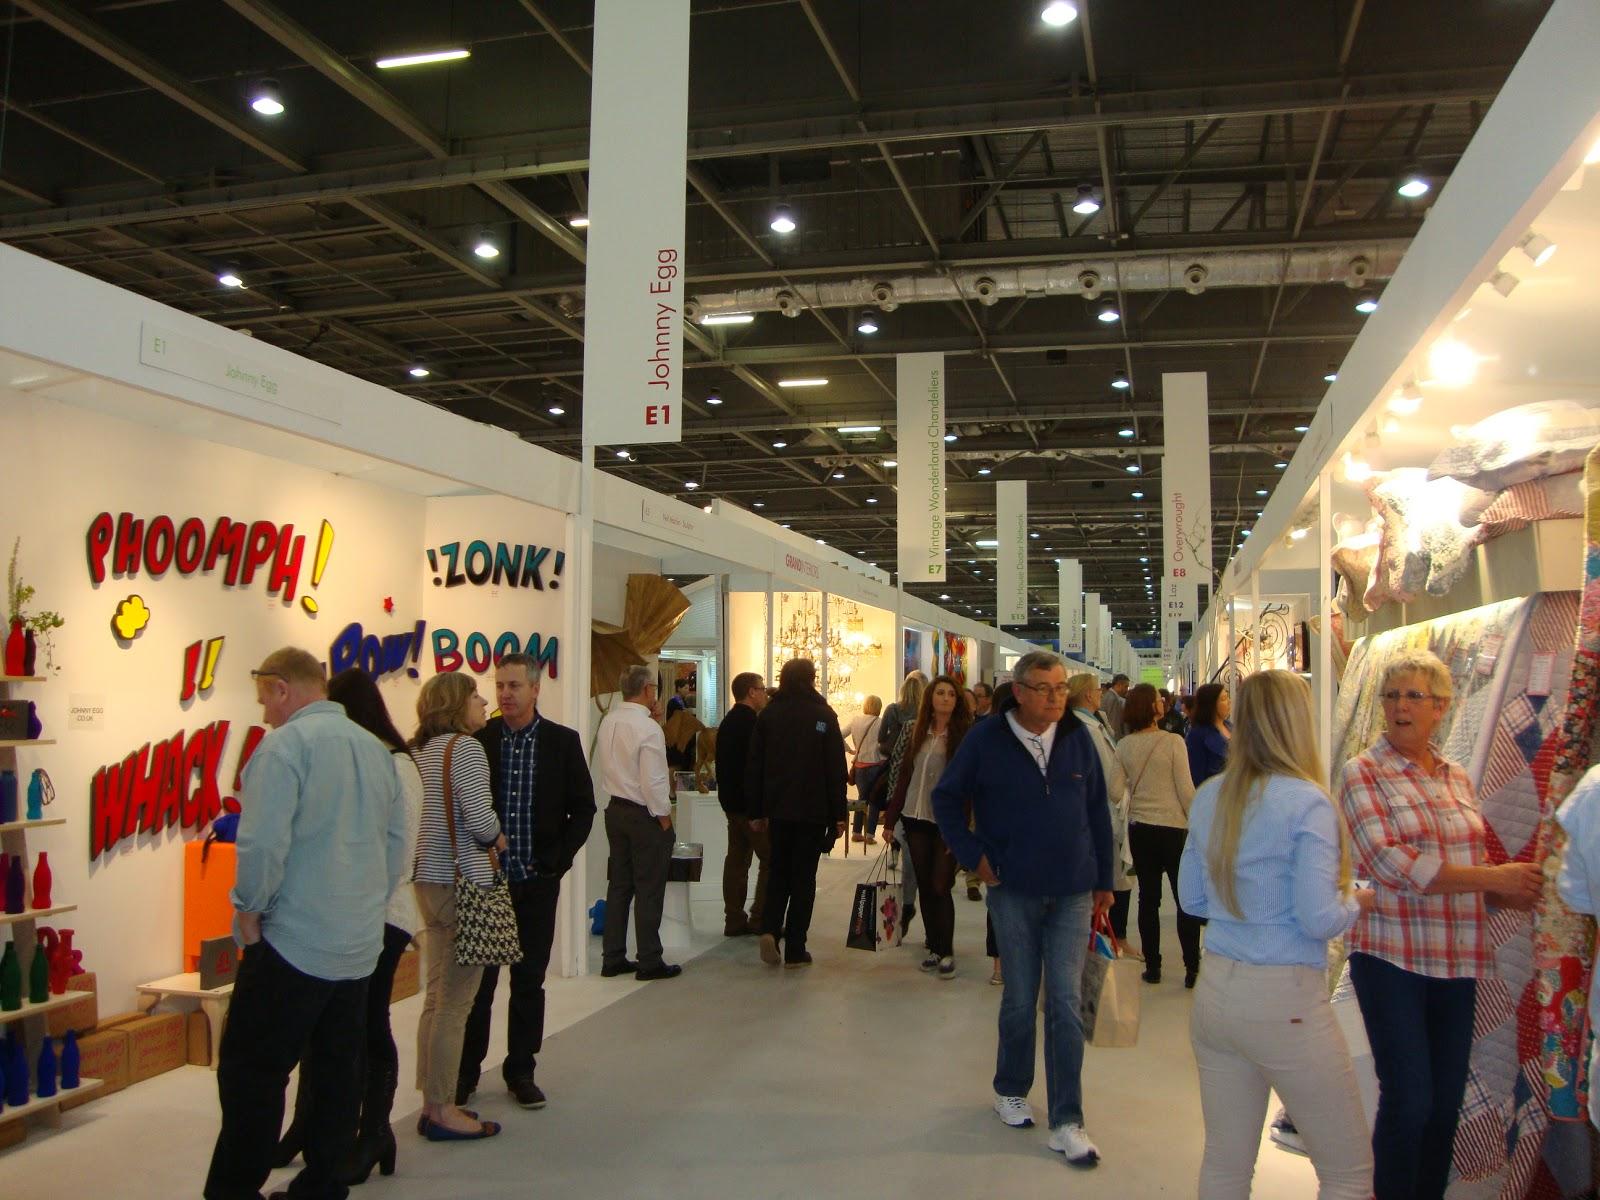 Londres feira de decora o por a na inglaterra - Decoradores de interiores famosos ...